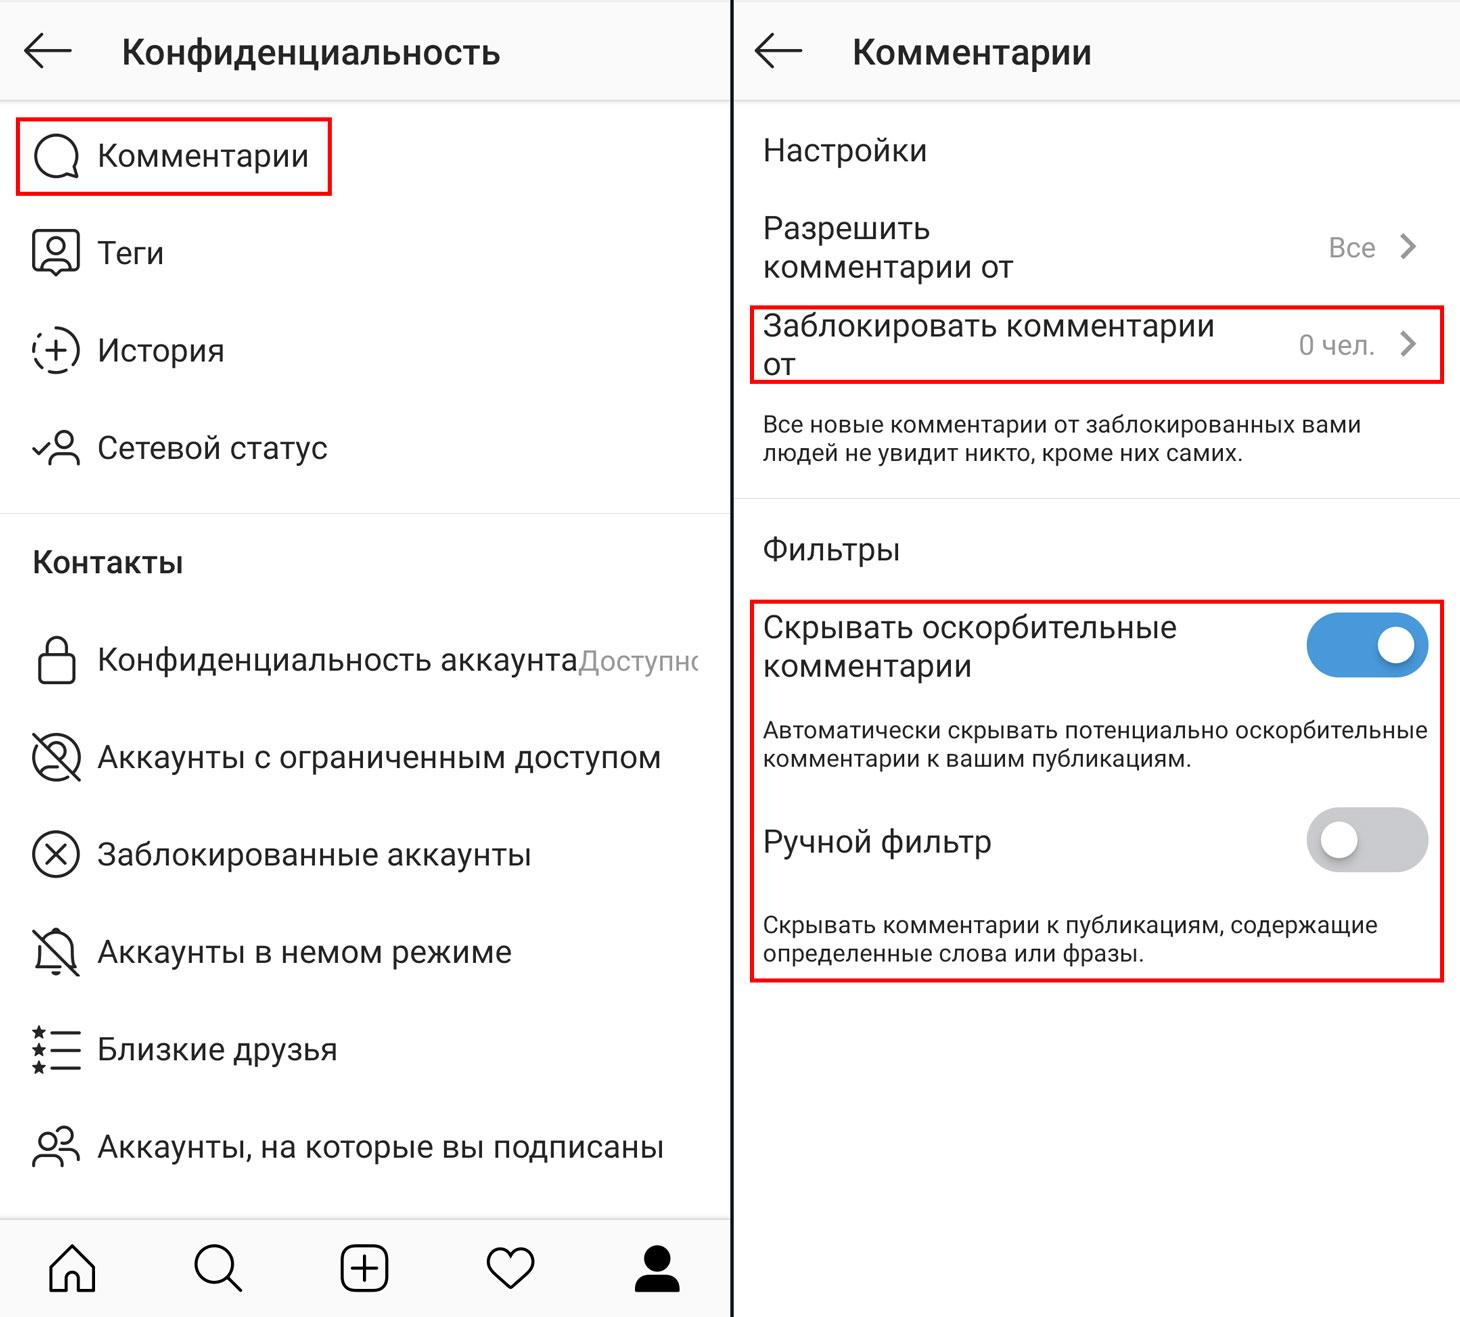 Как избавиться от спам-комментариев в Instagram